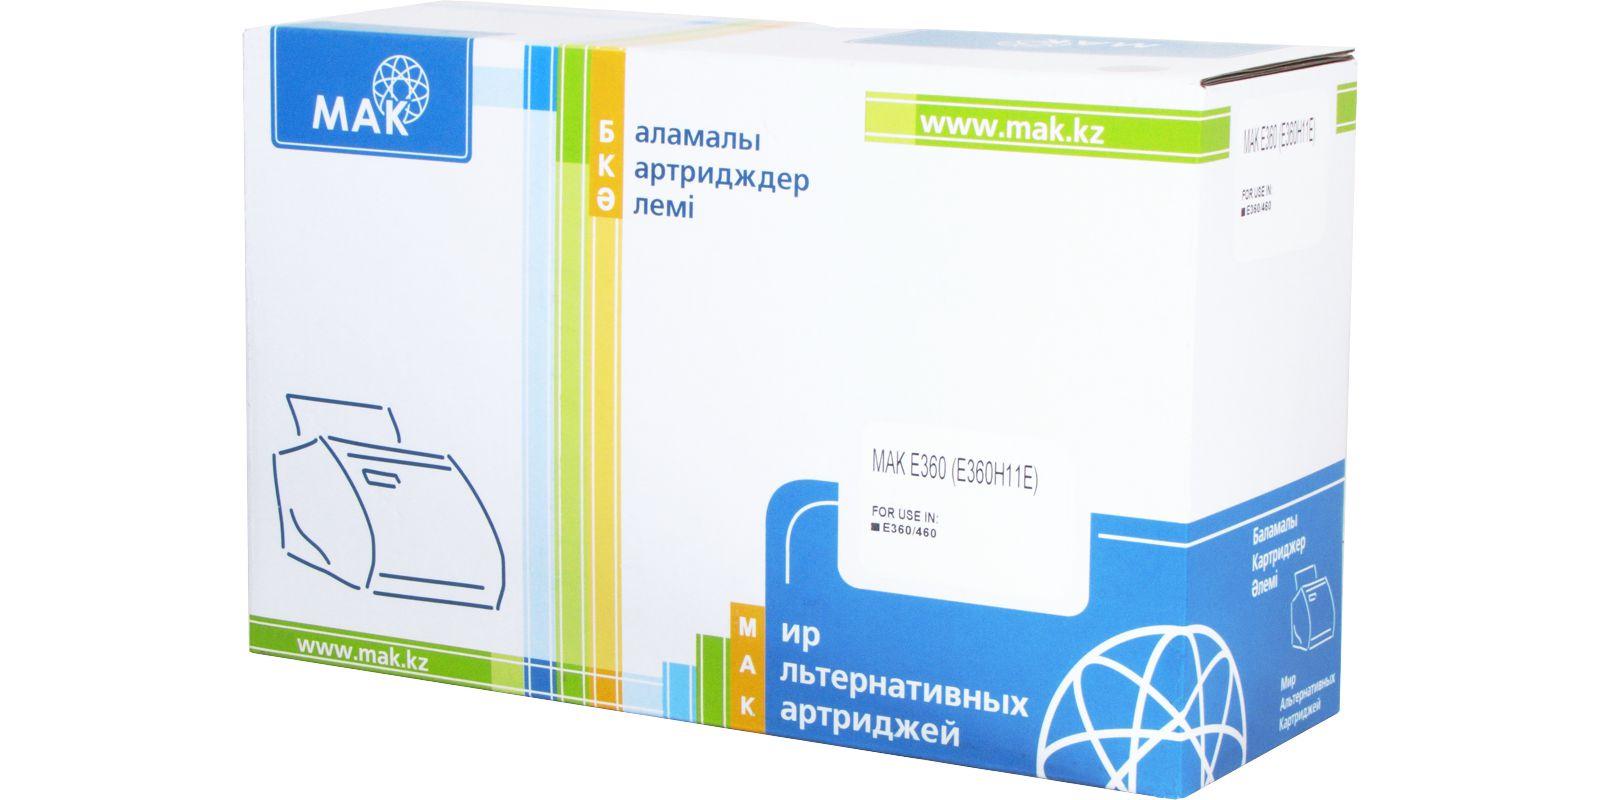 Картридж MAK© E360, черный, для лазерного принтера картридж lexmark высокой емкости с малиновым тонером x925 7 5k